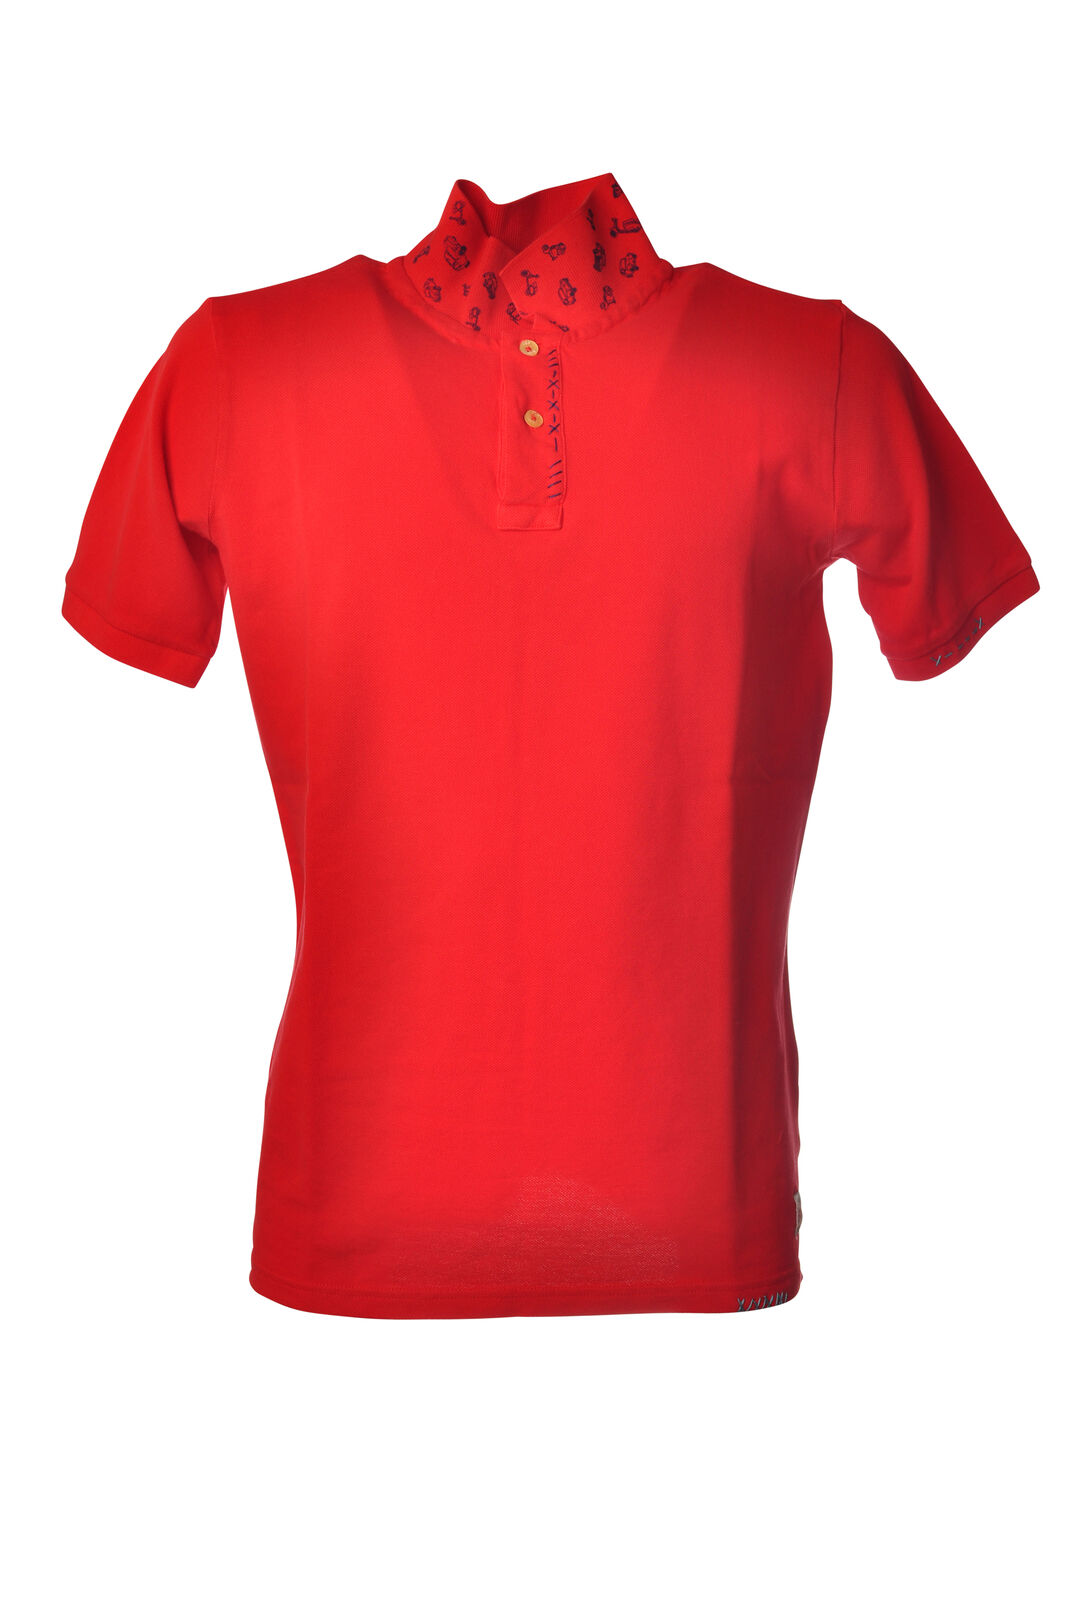 Bob - Topwear-Polo - Man - Red - 5273225E183800